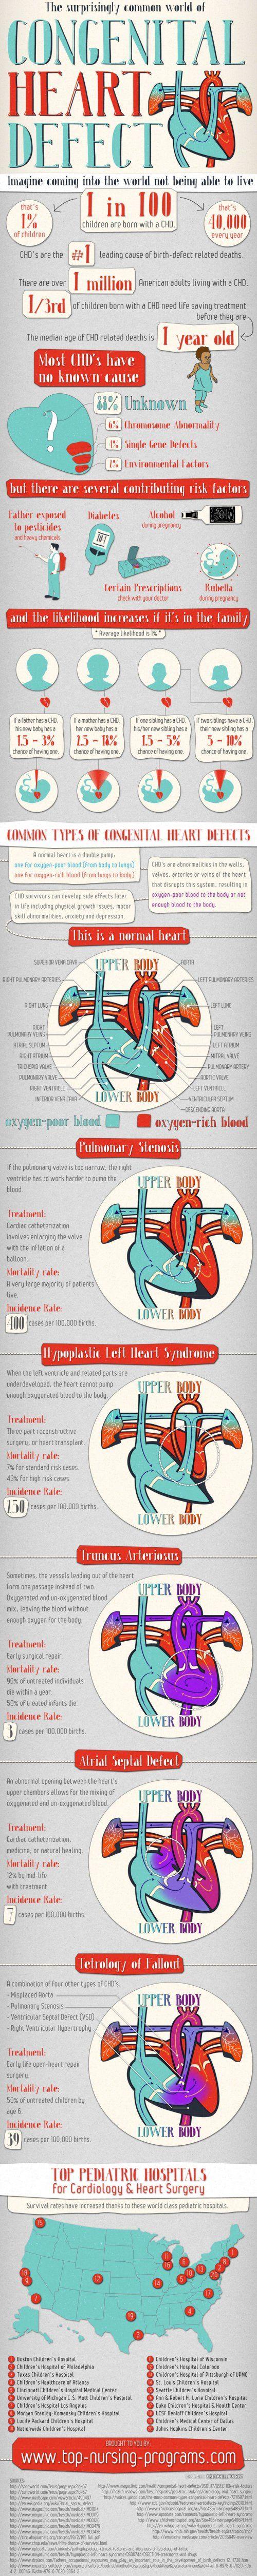 congenital-heart-defect infographic